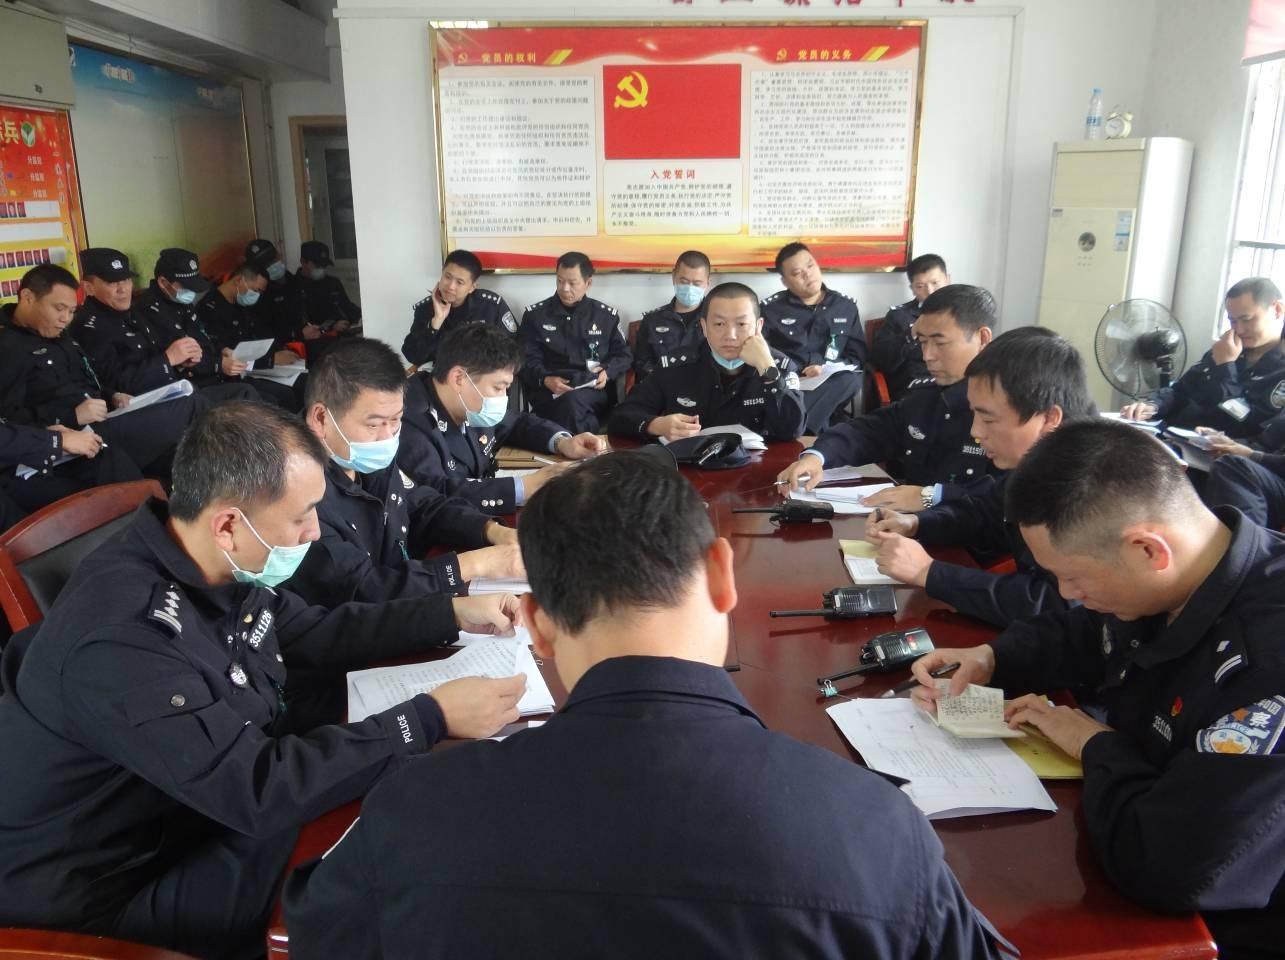 http://drdbsz.oss-cn-shenzhen.aliyuncs.com/210202092434117877063.jpeg